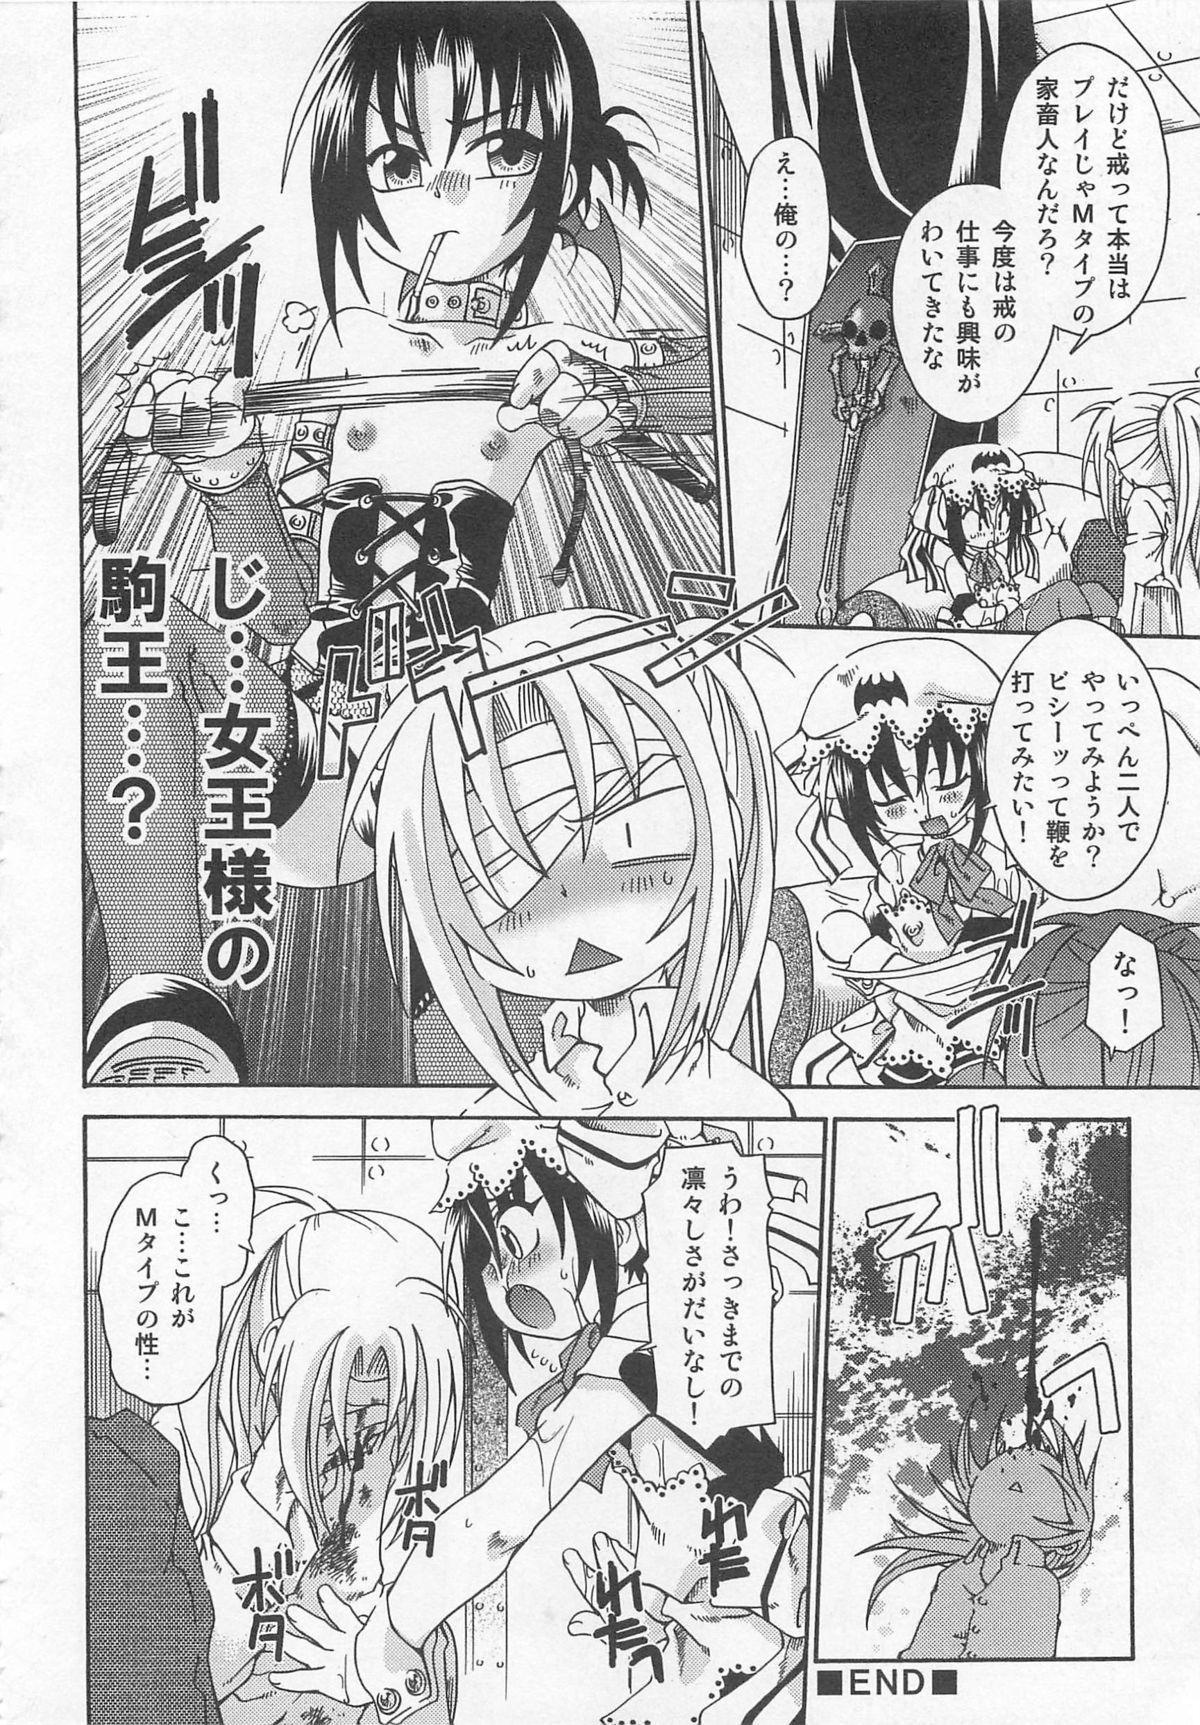 Otokonoko HEAVEN Vol. 01 Meganekko 134